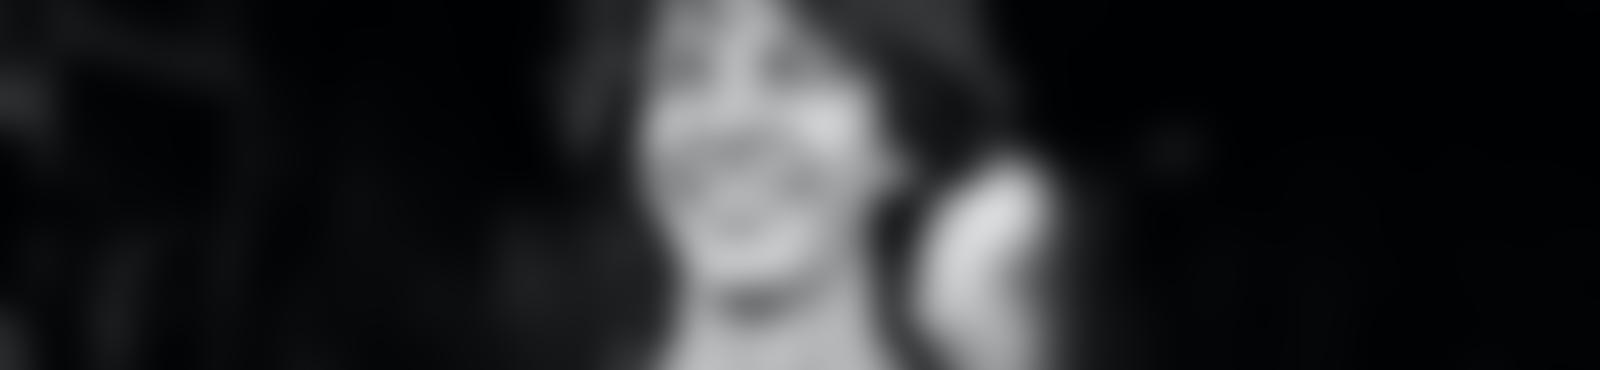 Blurred fb15cd36 349e 4baf b196 406dde413246